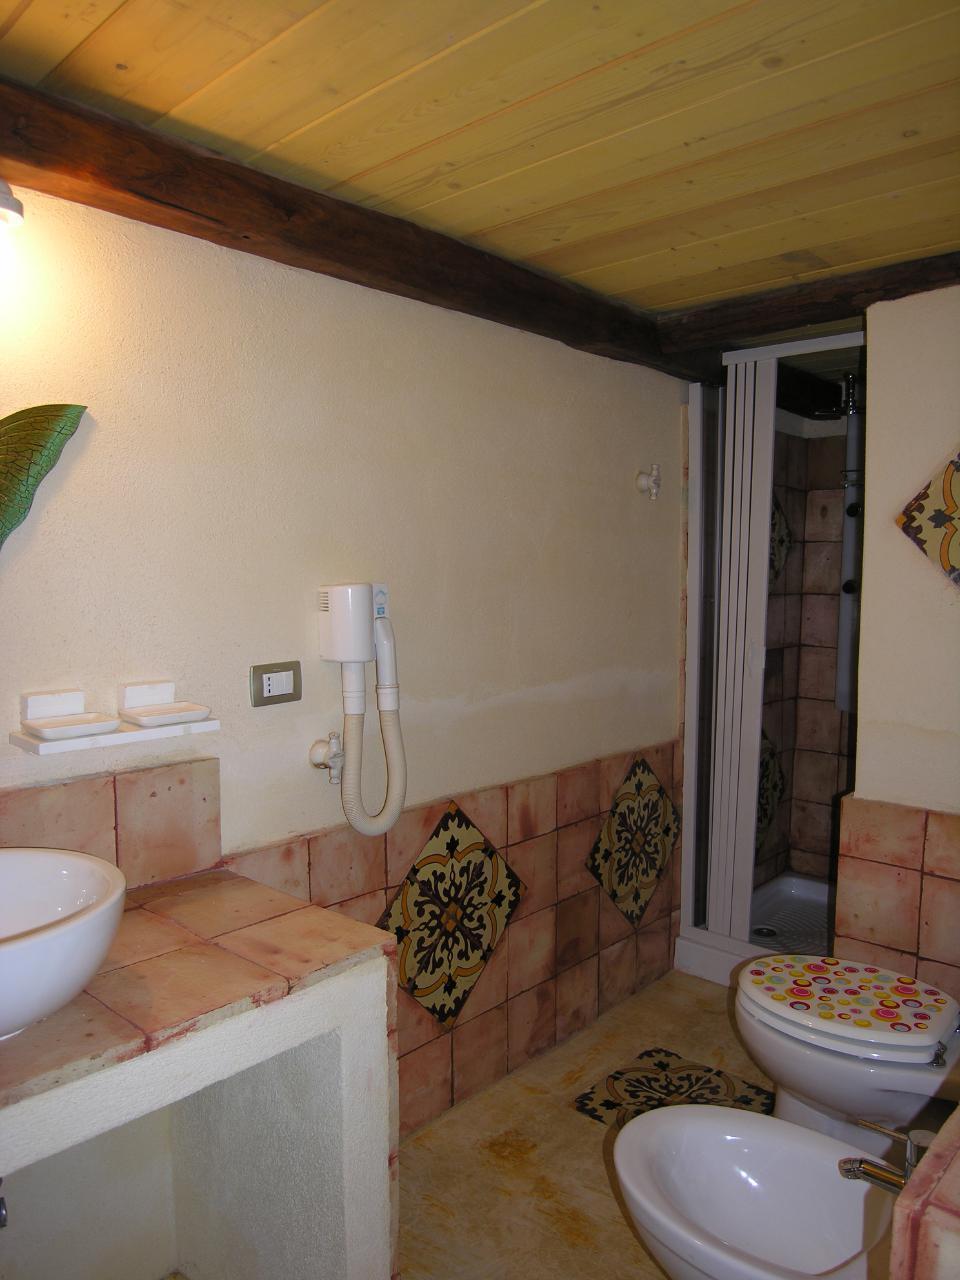 Maison de vacances Lodge Liparische,  eines alten Landhauses (469141), Lipari, Lipari, Sicile, Italie, image 18